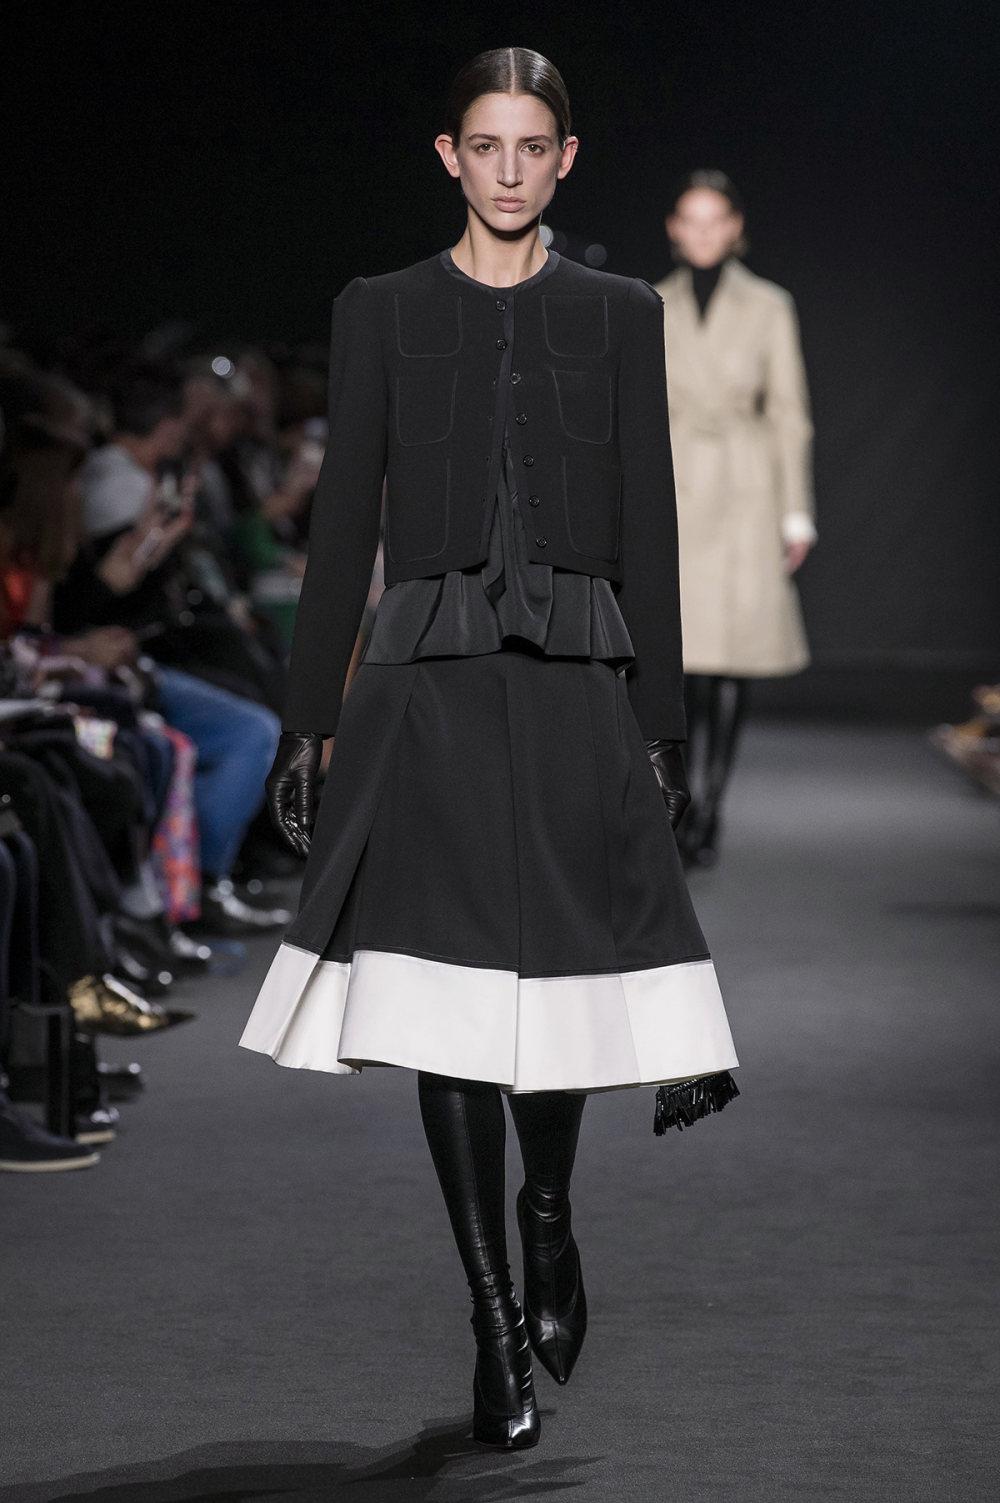 Rochas时装系列黑色无领斜纹软呢褶皱的黑色裙身饰有超细短袖衬衫-15.jpg